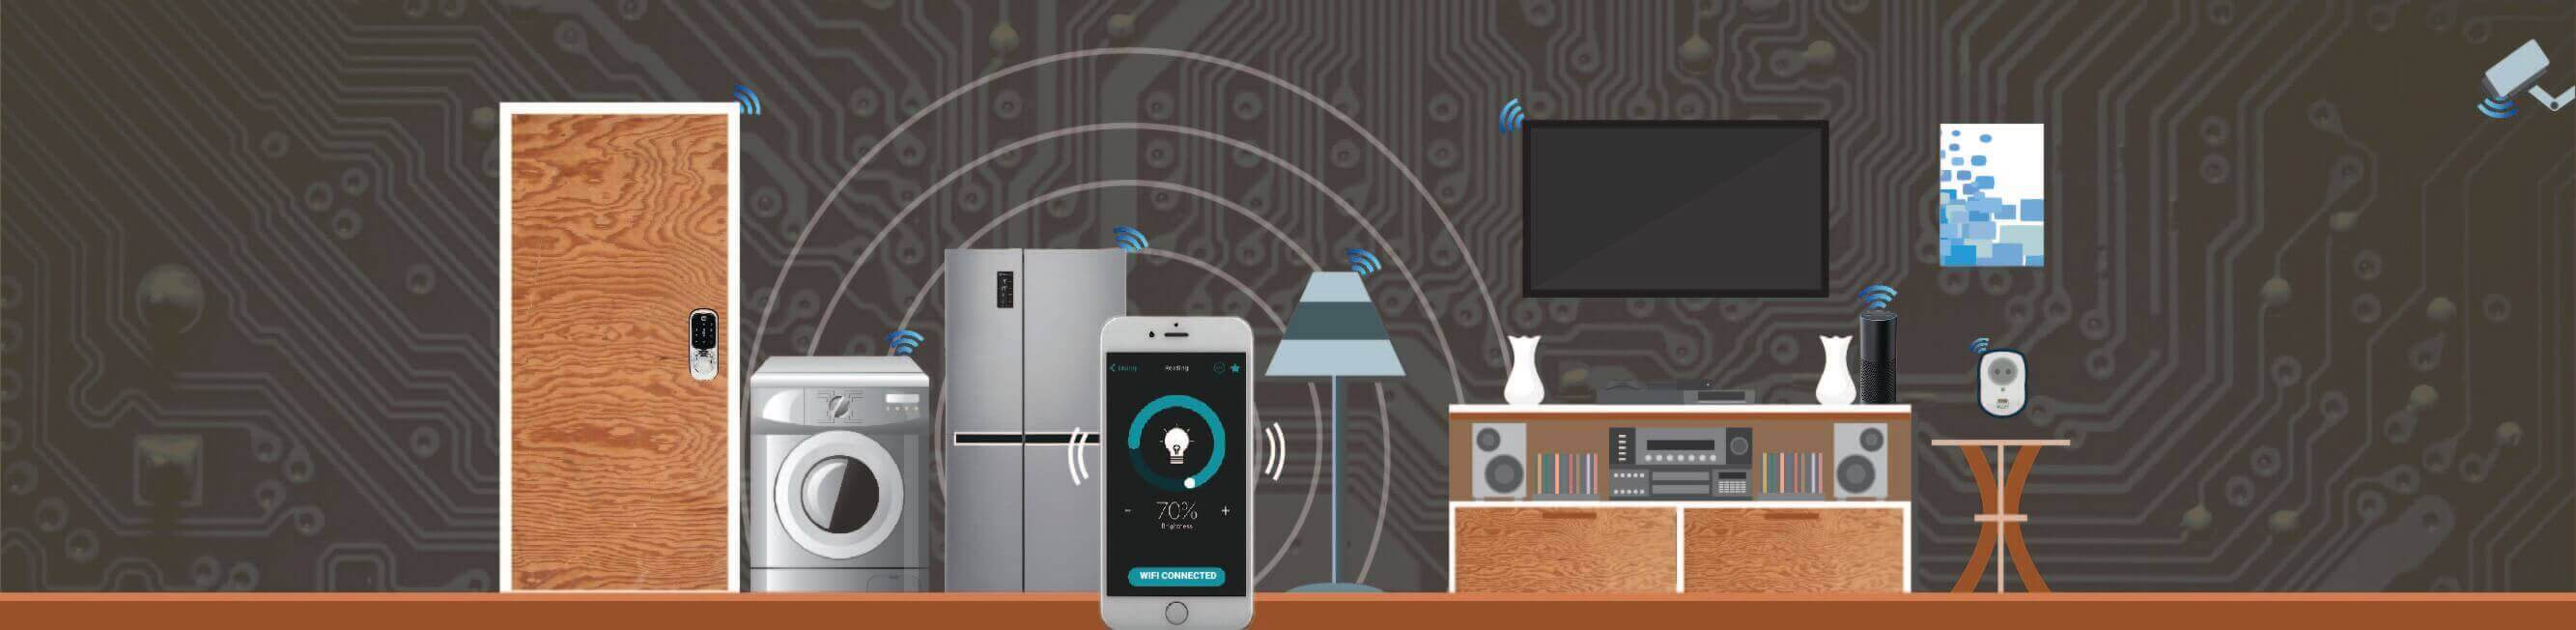 wireless smart-switch